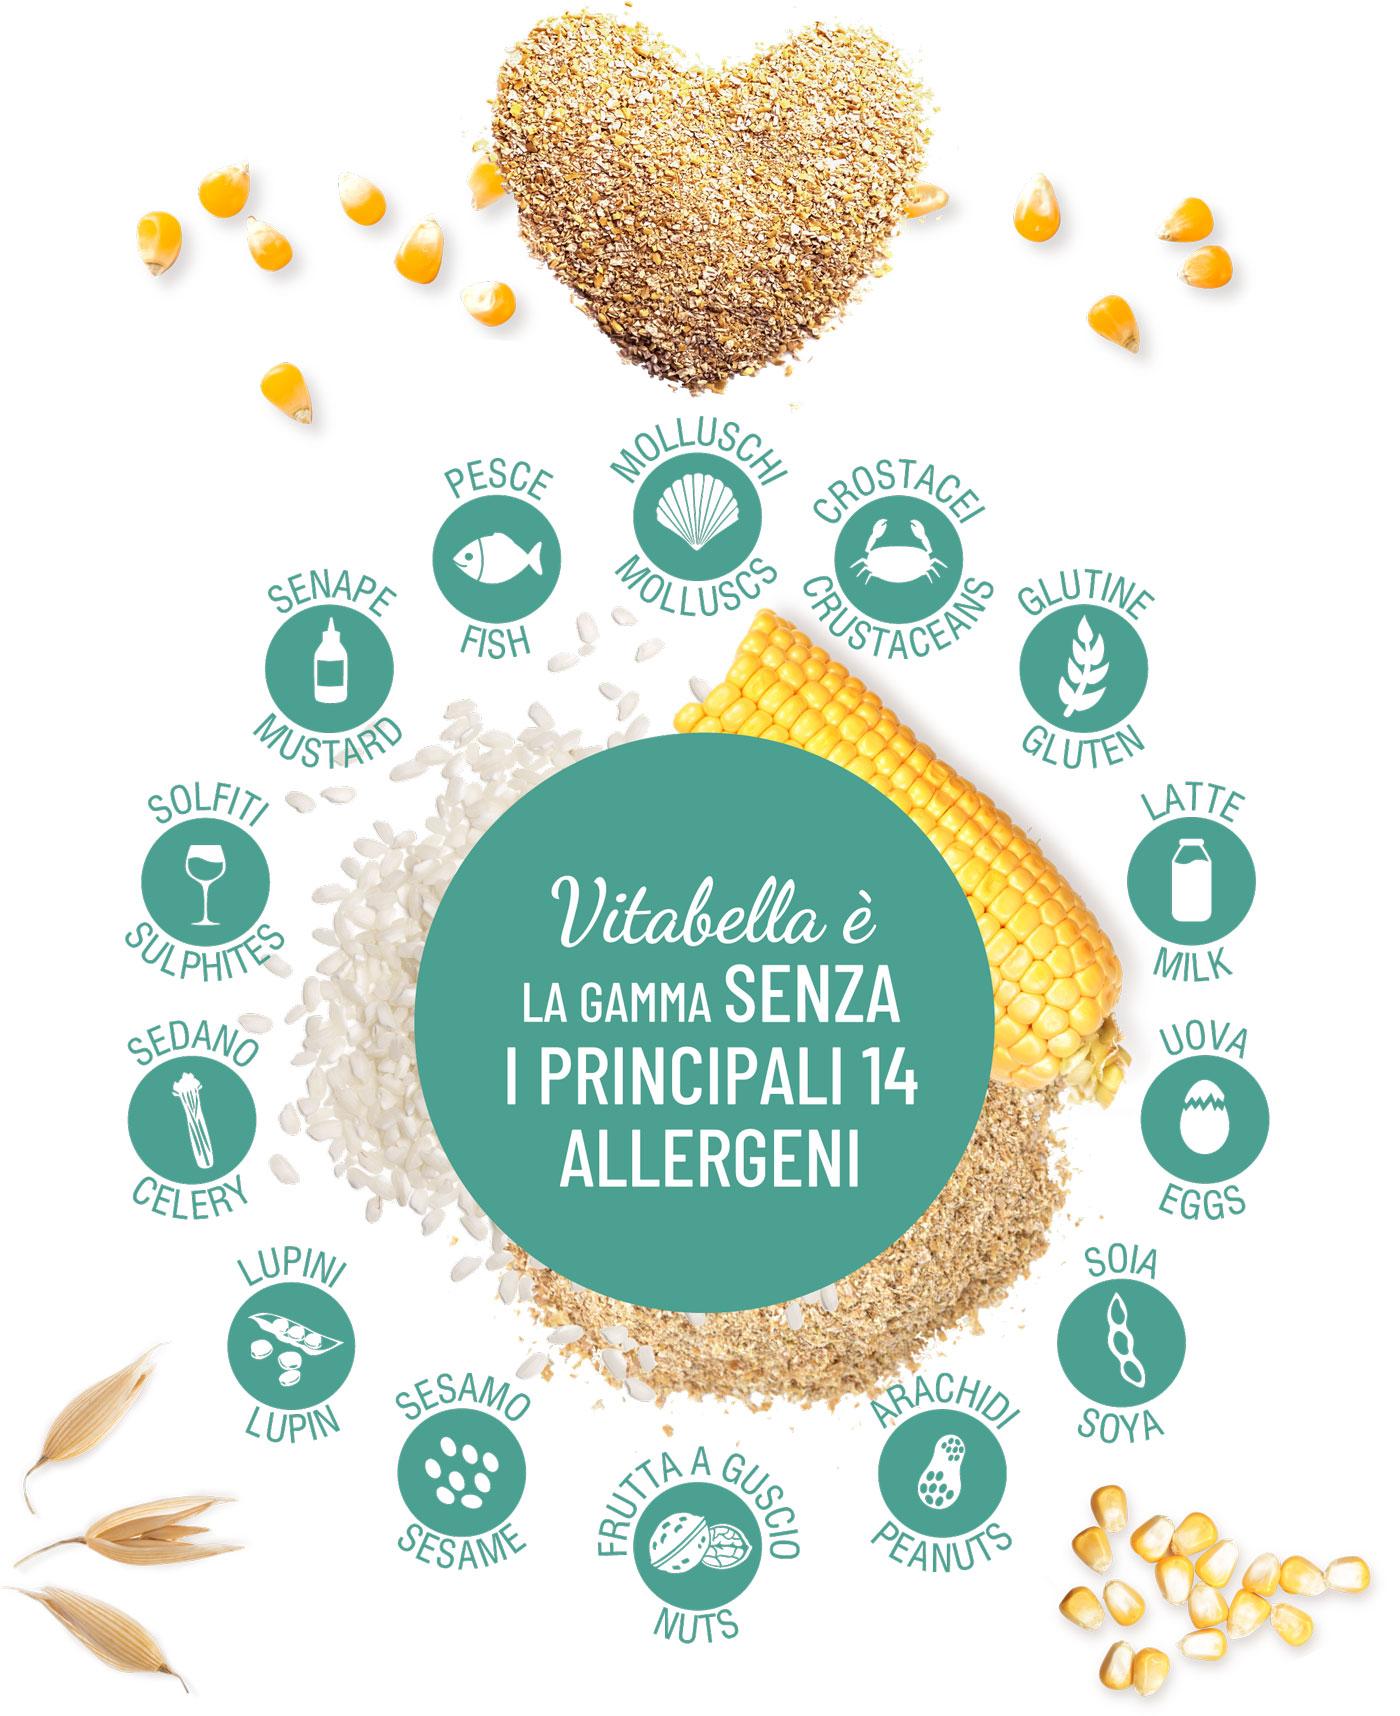 Vitabella La Gamma Senza I Principali 14 Allergeni